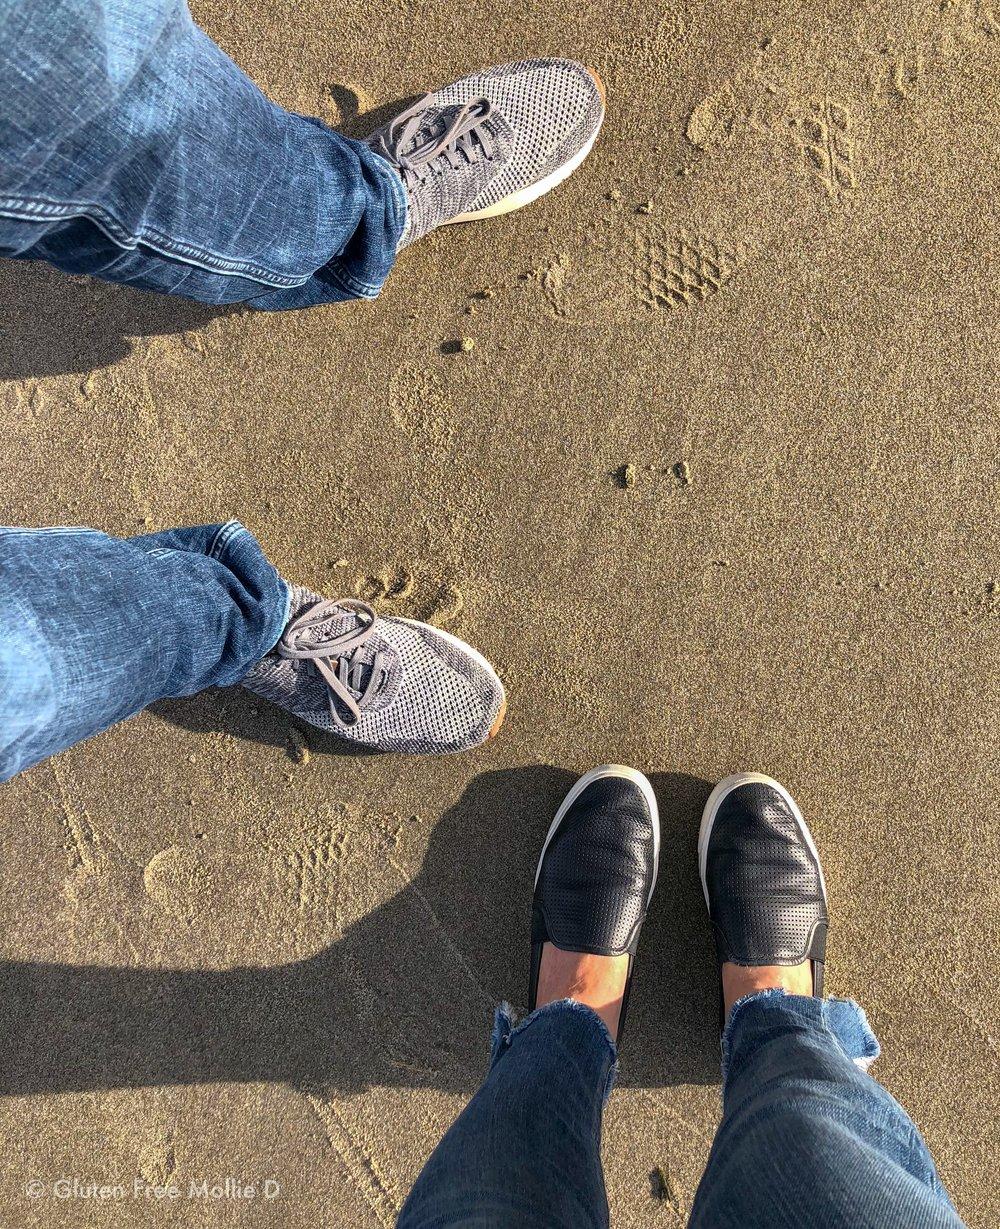 Evidence of a beach walk!